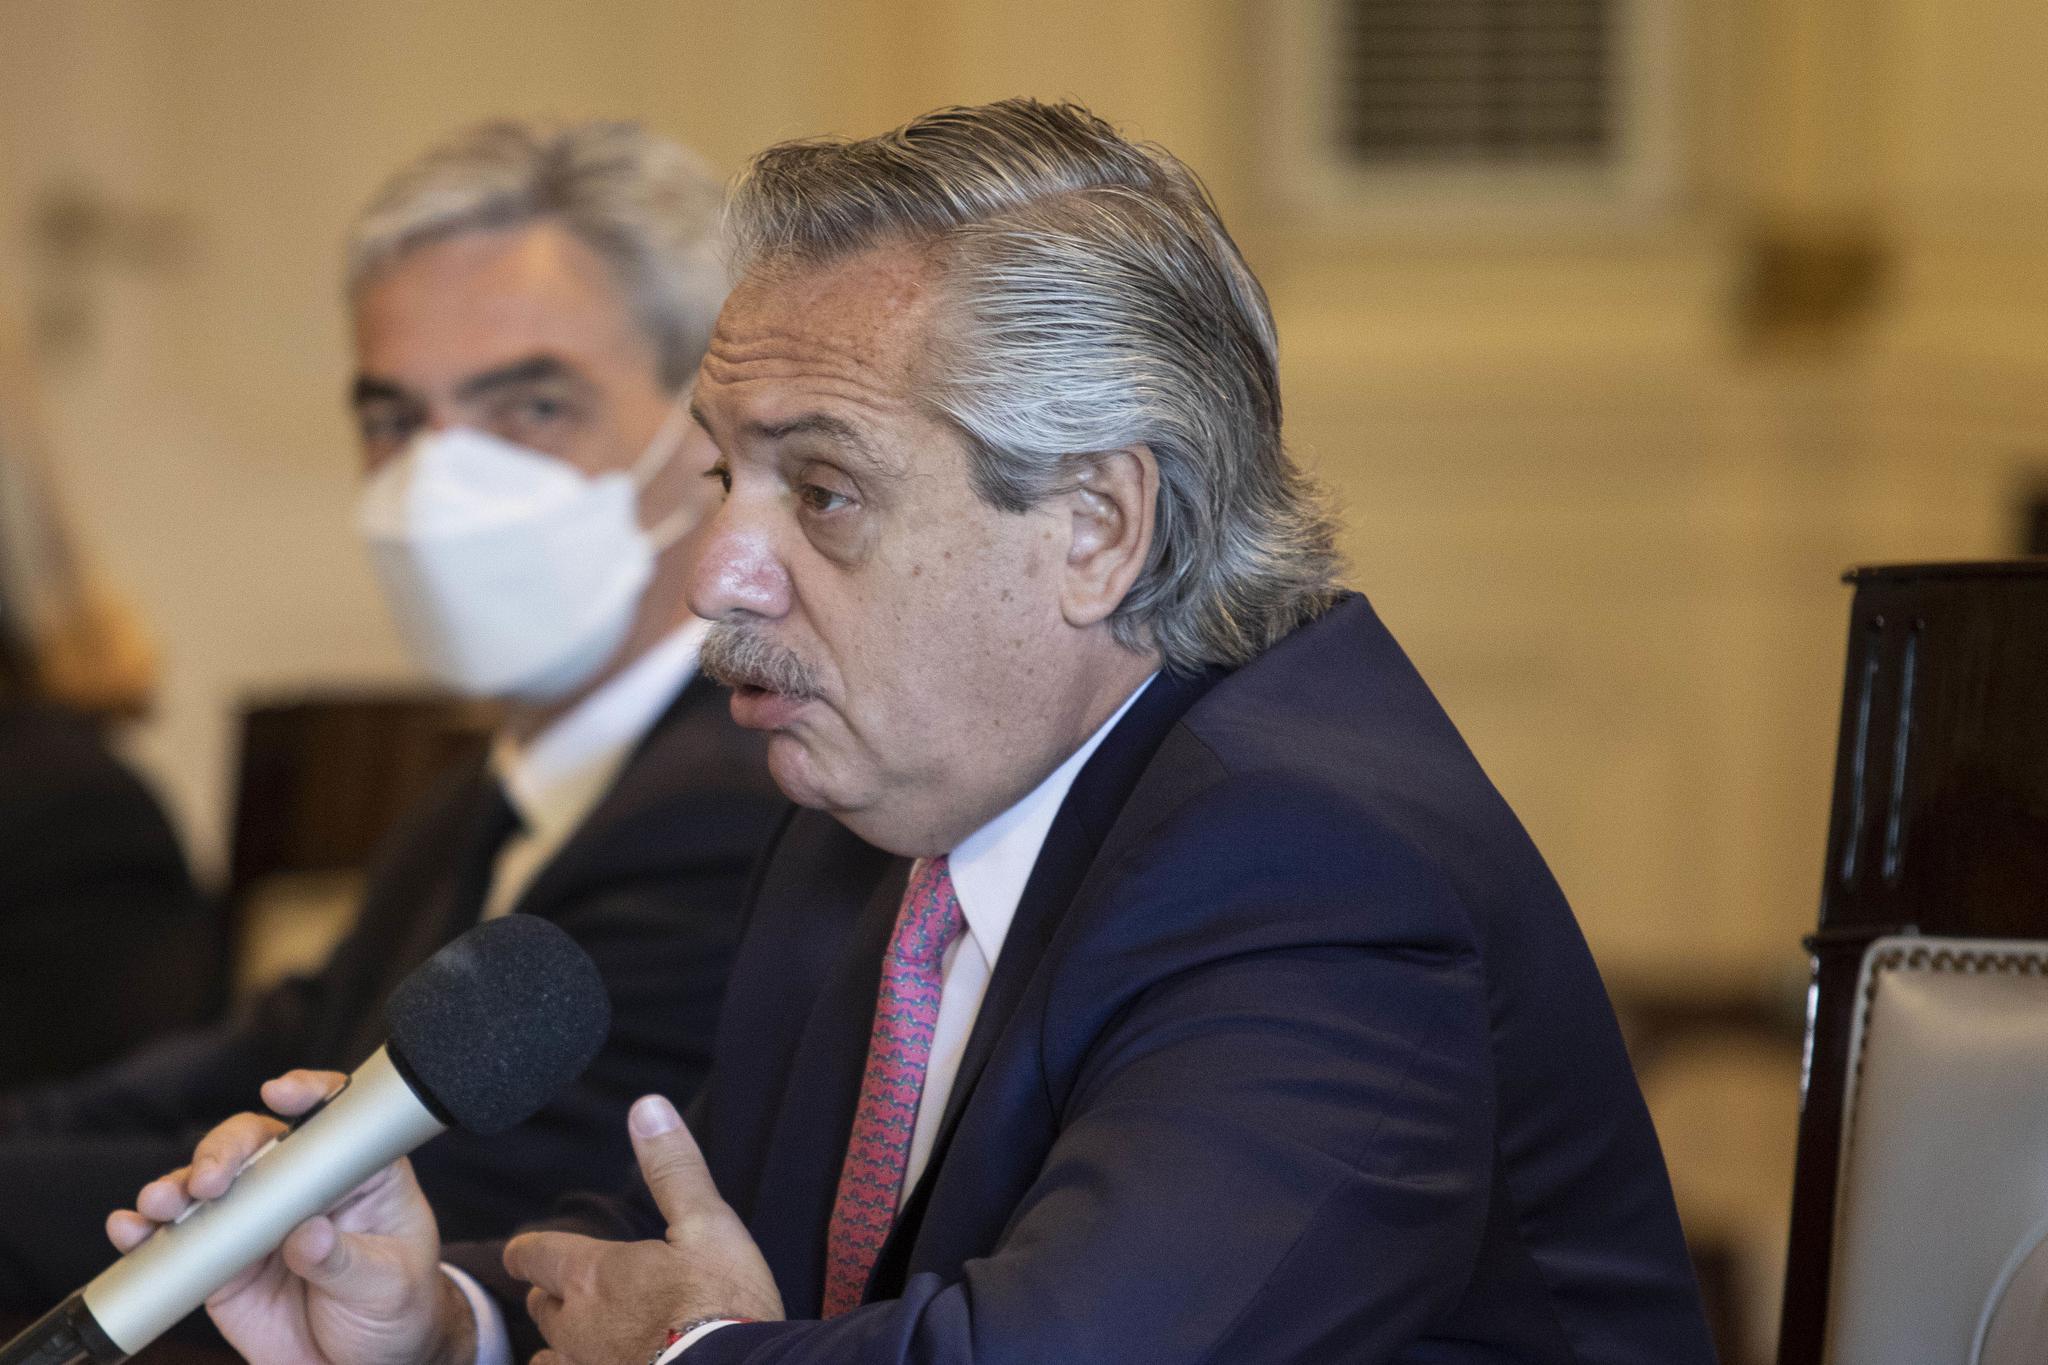 阿根廷总统费尔南德斯确诊新冠肺炎 正在官邸进行自我隔离